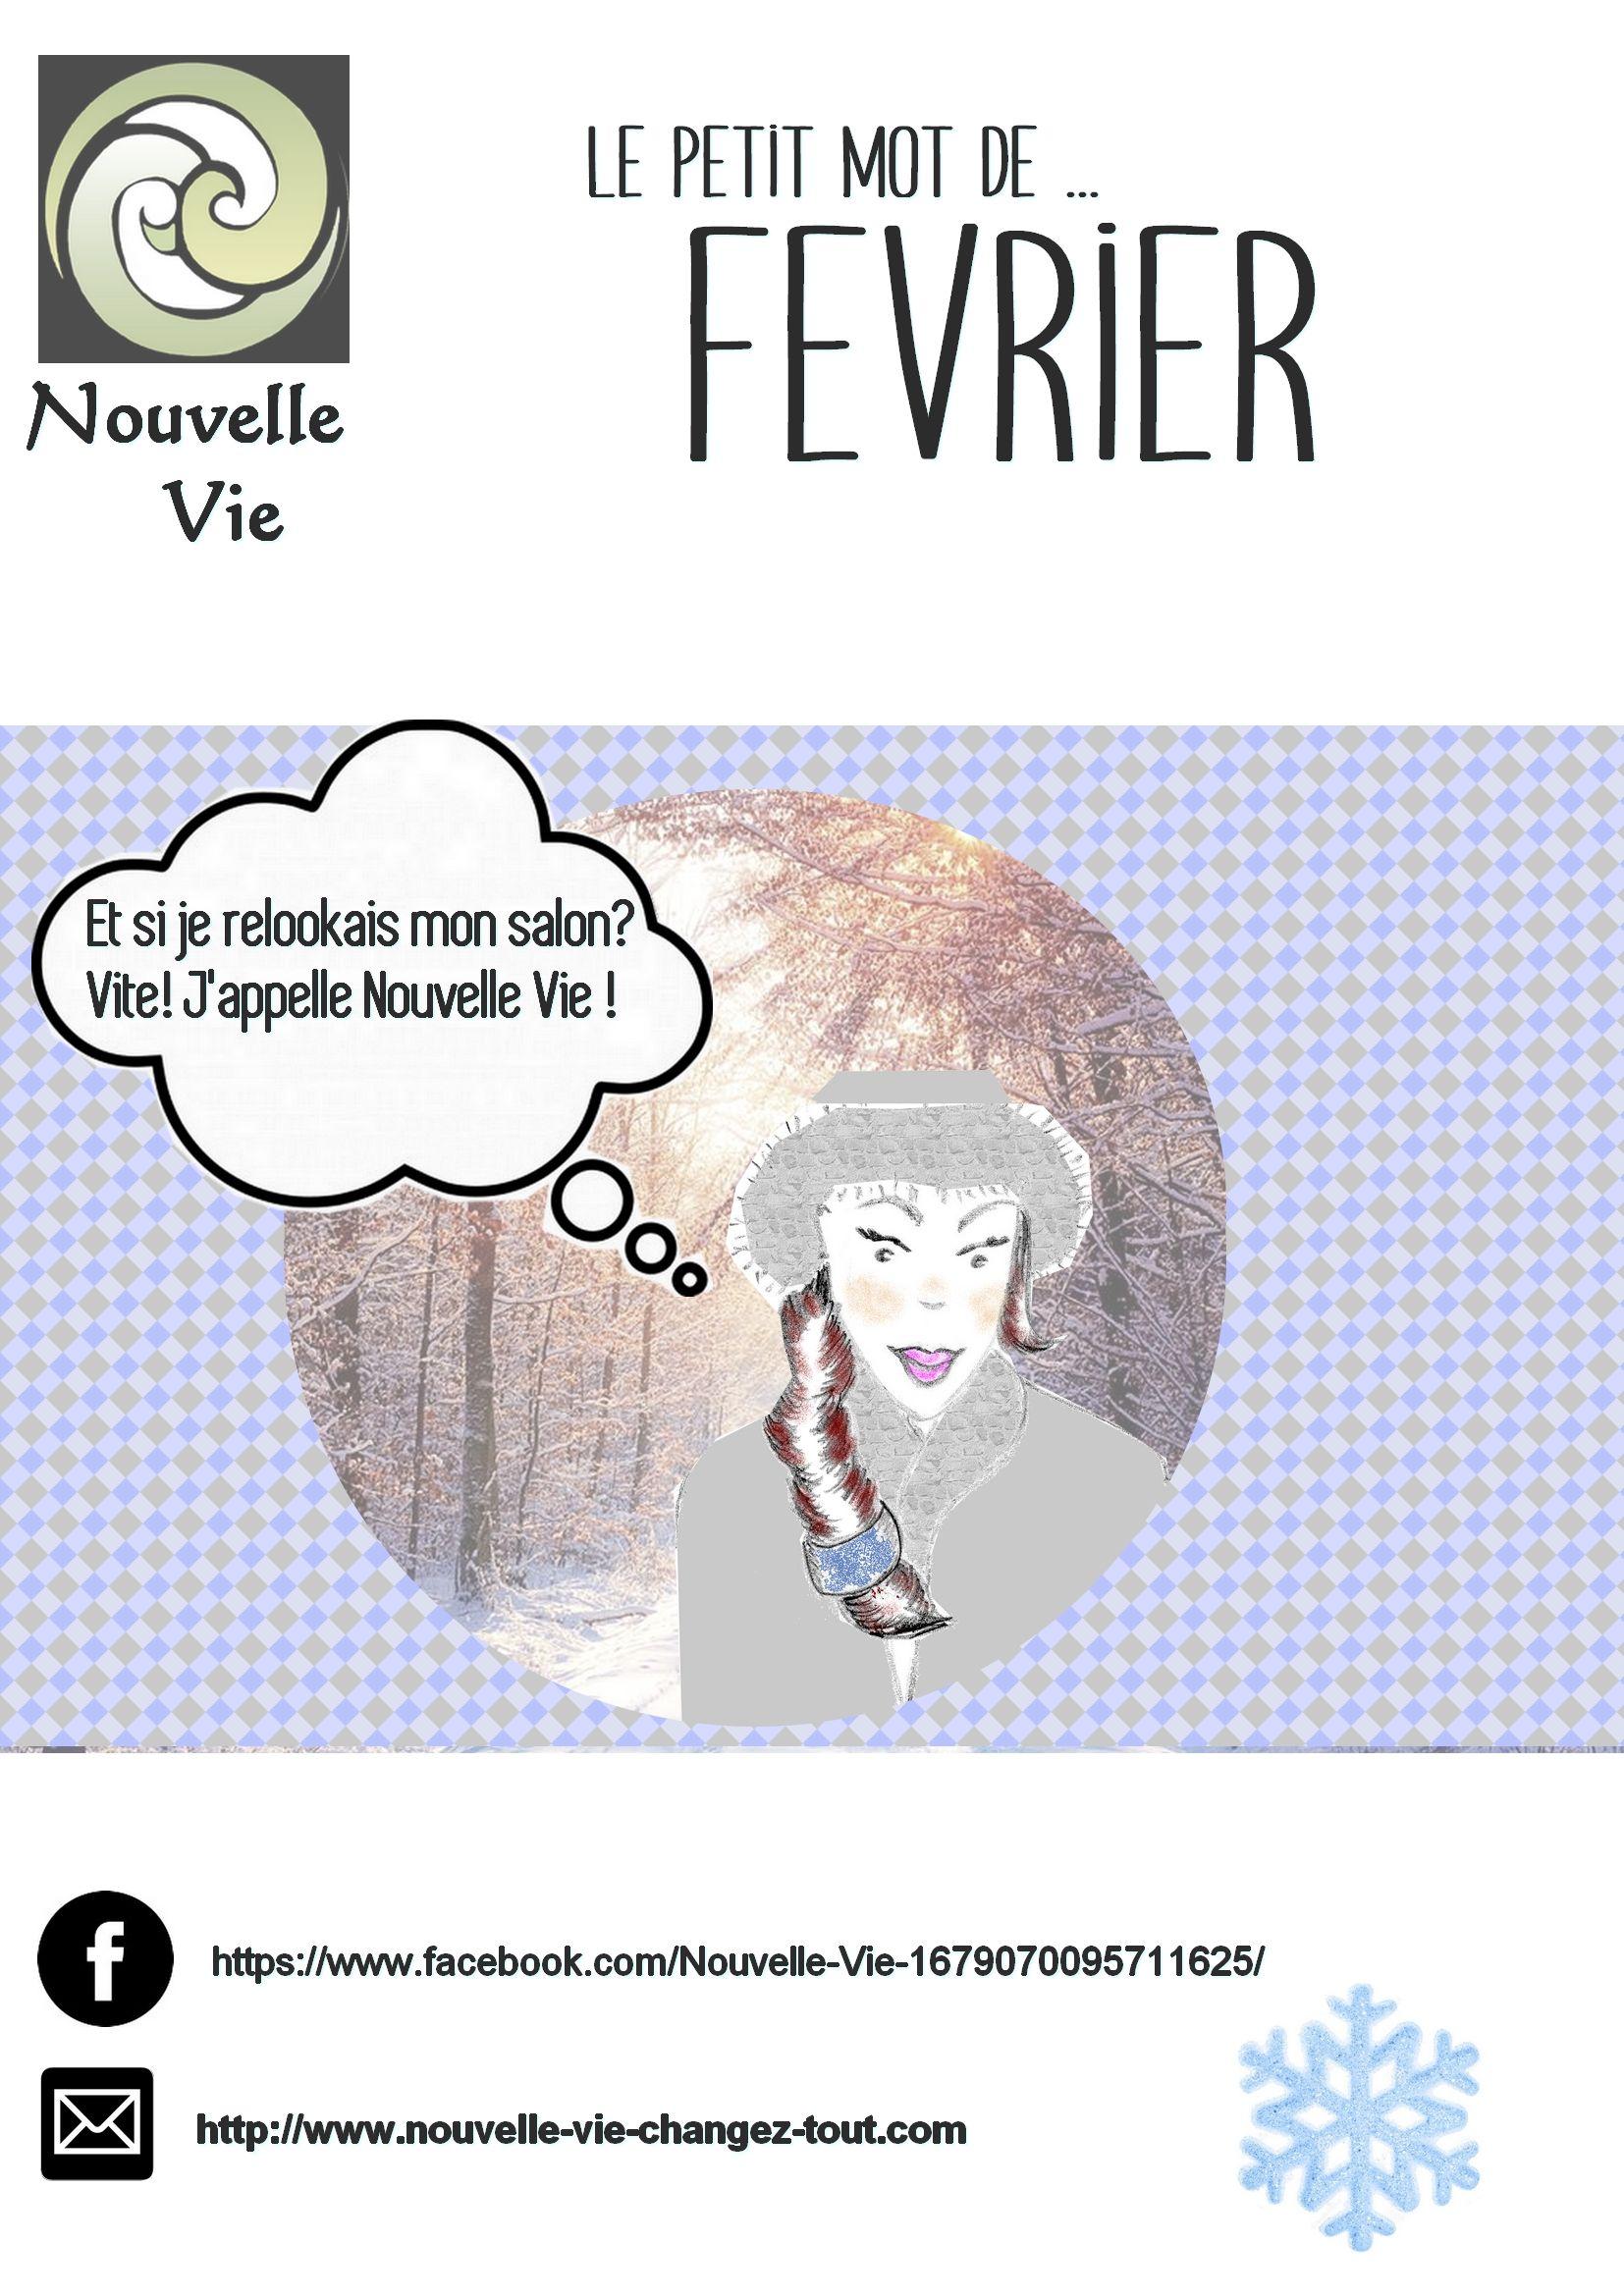 Epingle Par Sophie Noblet Nouvelle Vie Sur Newsletter Nouvelle Vie Relooker Mots